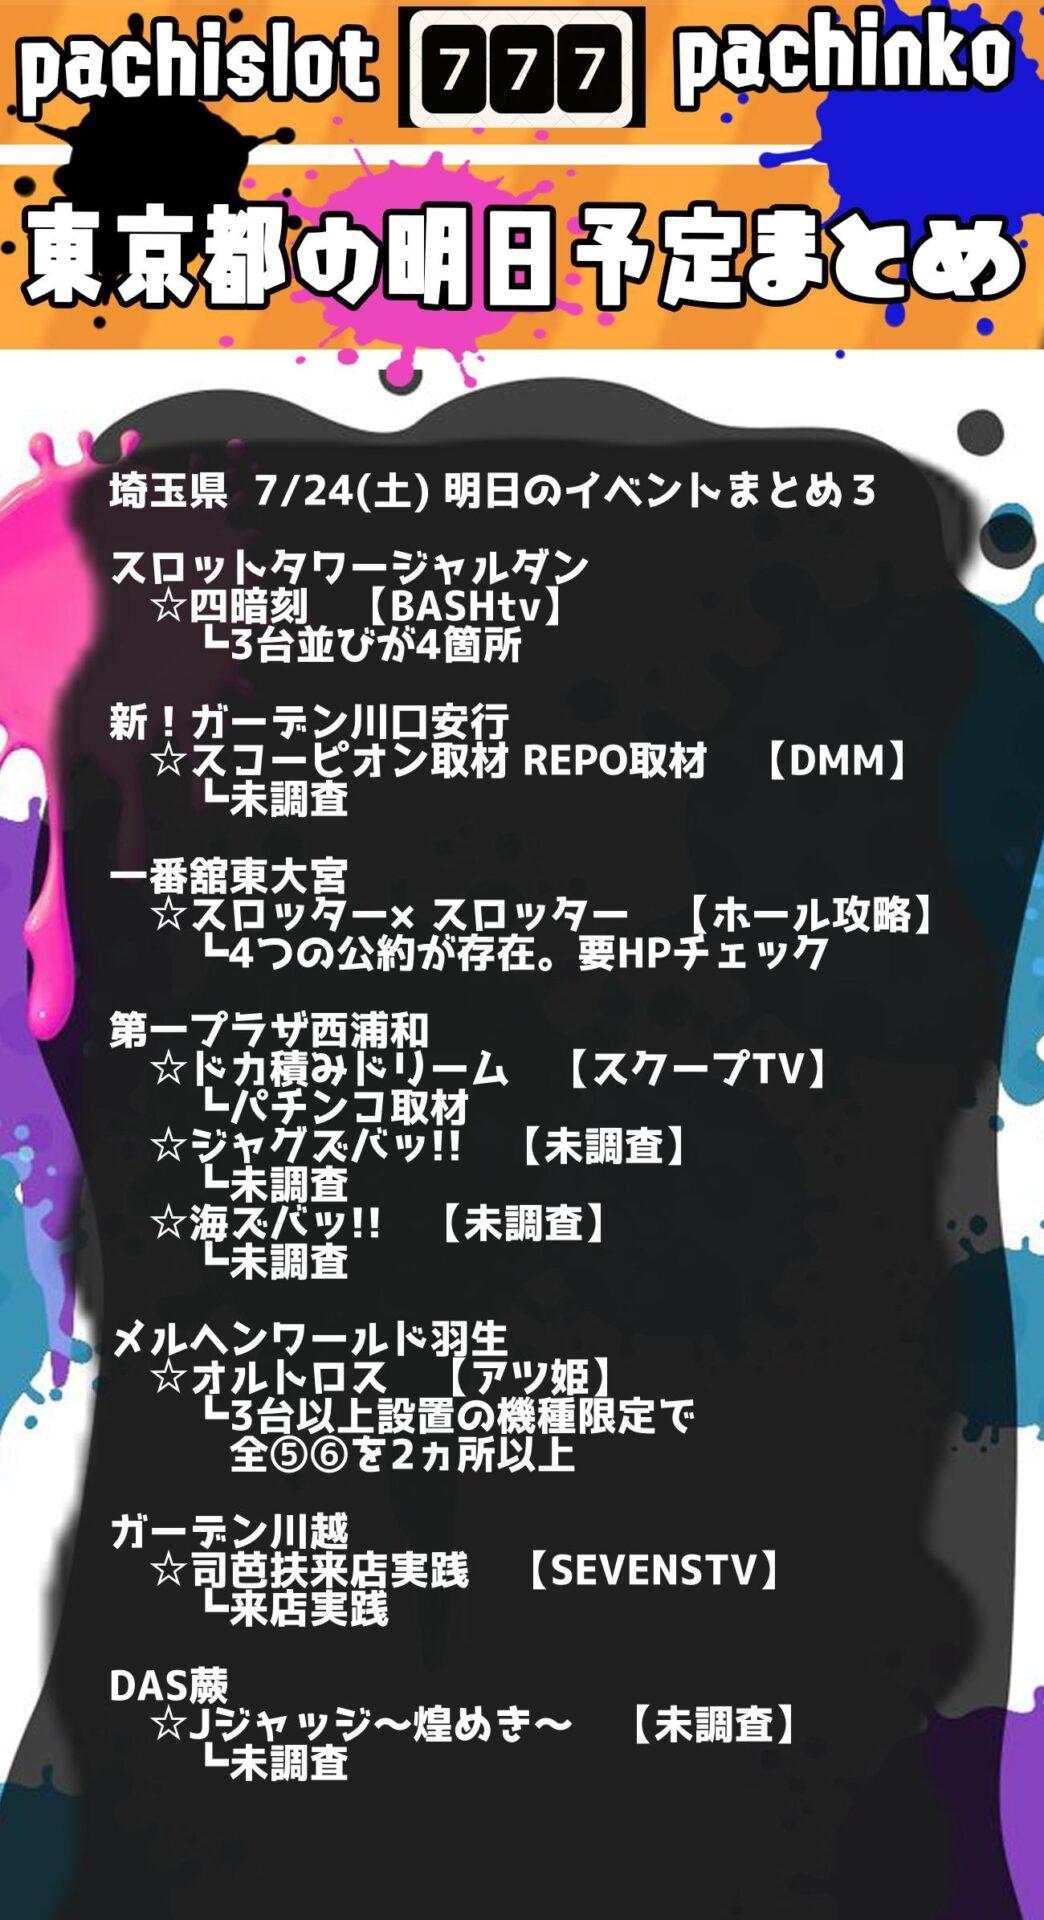 埼玉県_2021-07-24_パチンコ・パチスロ_イベント